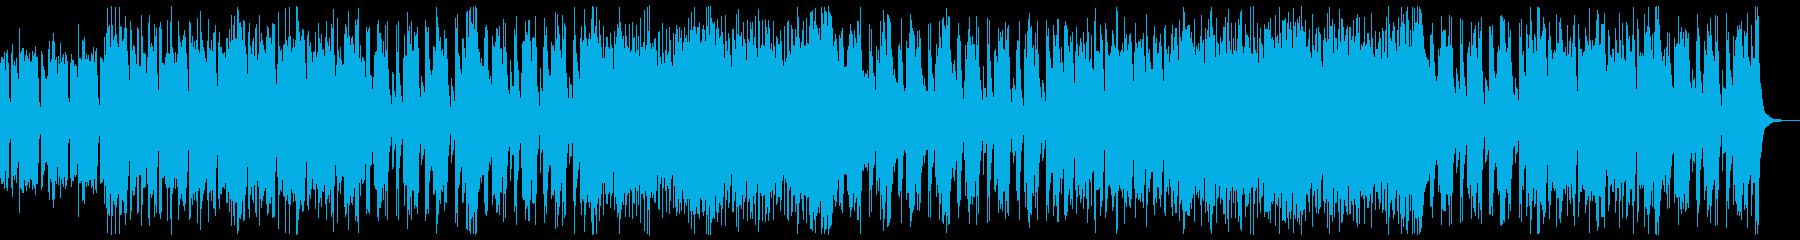 和楽器・和風・サムライヒーロー:三味線抜の再生済みの波形